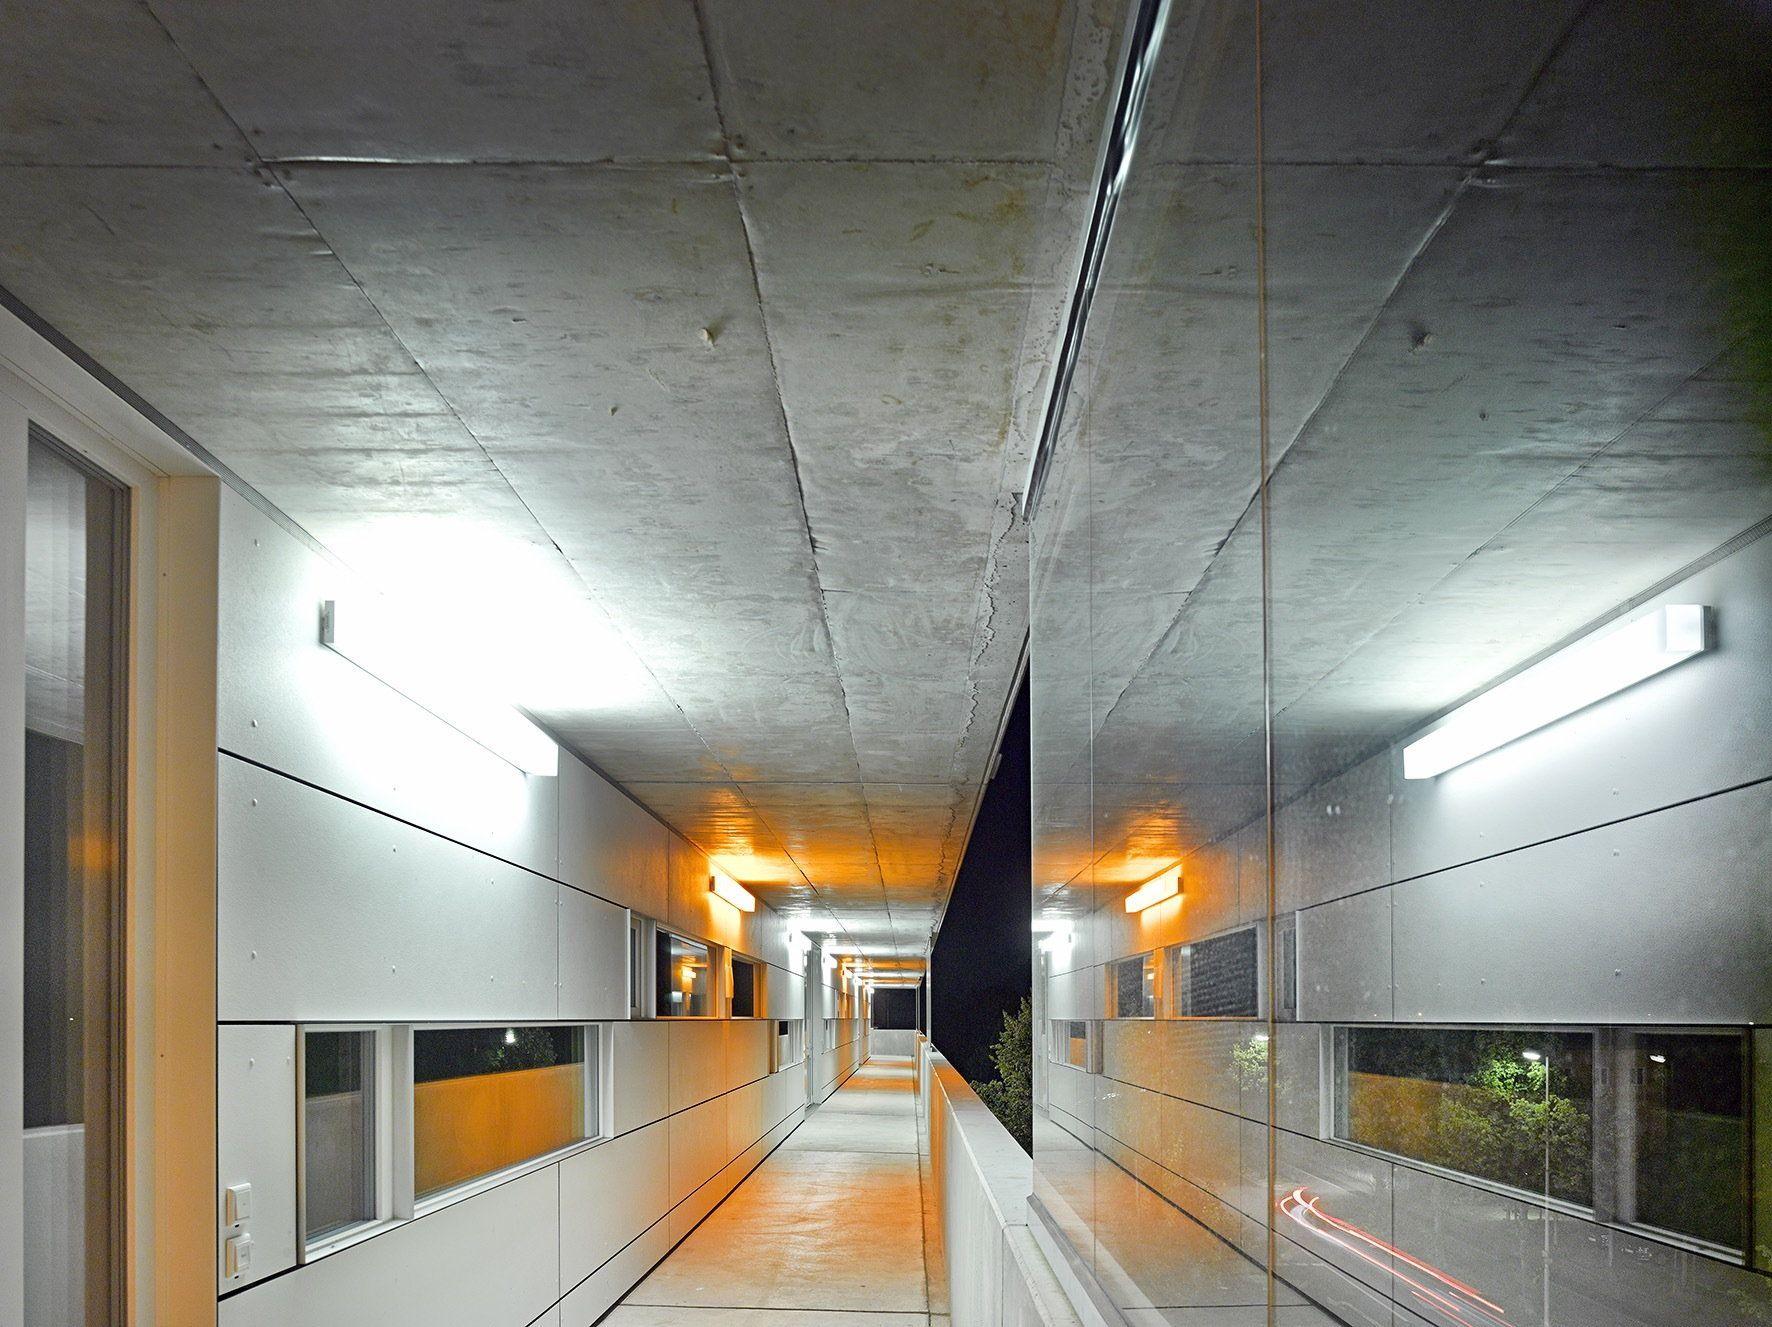 Architekten Ingolstadt geheime gärten wohnungsbau in ingolstadt blauwerk and